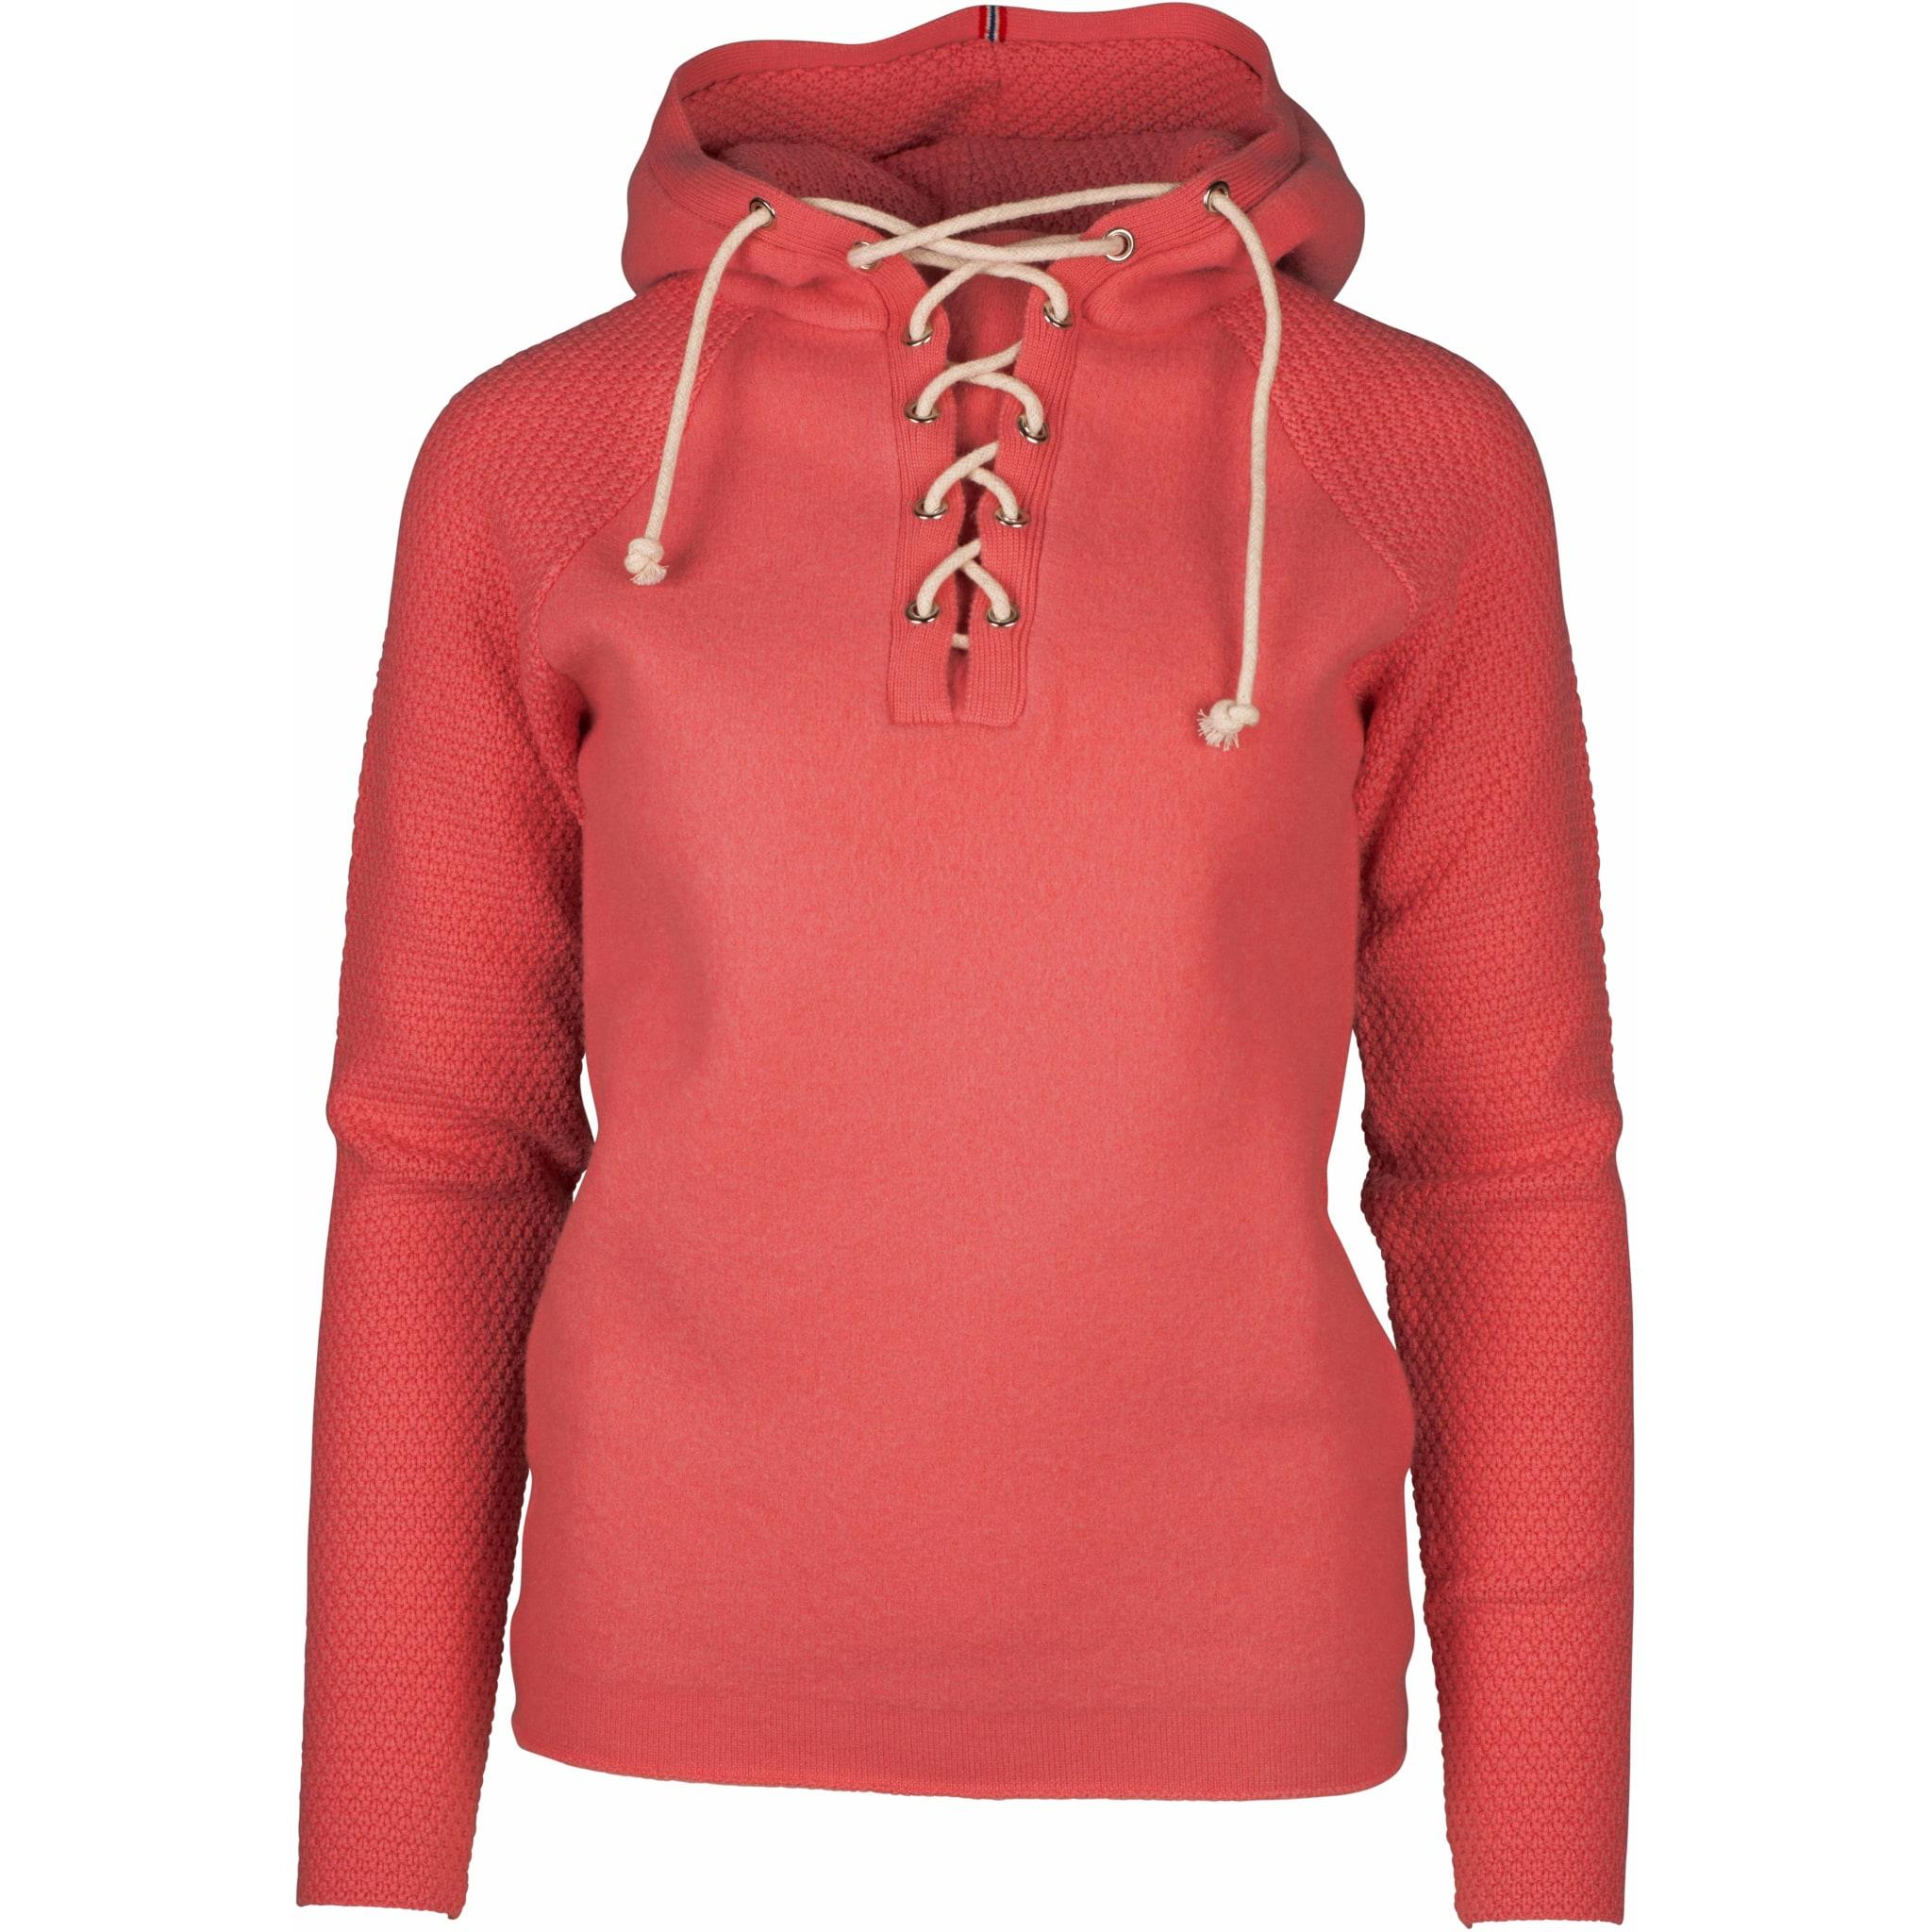 Varm og komfortabel genser i 100% merinoull